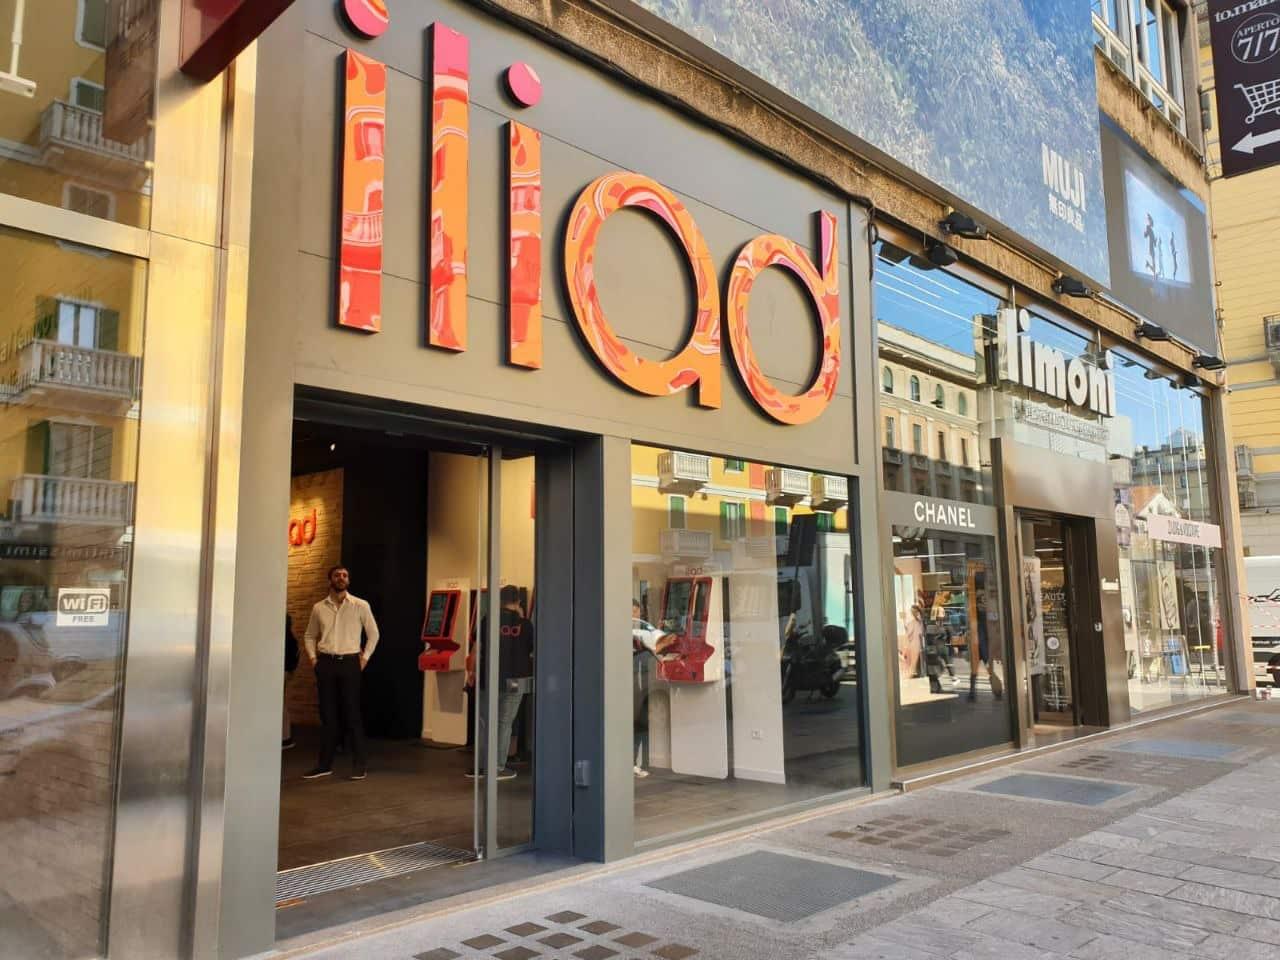 negozio di Iliad. Foto